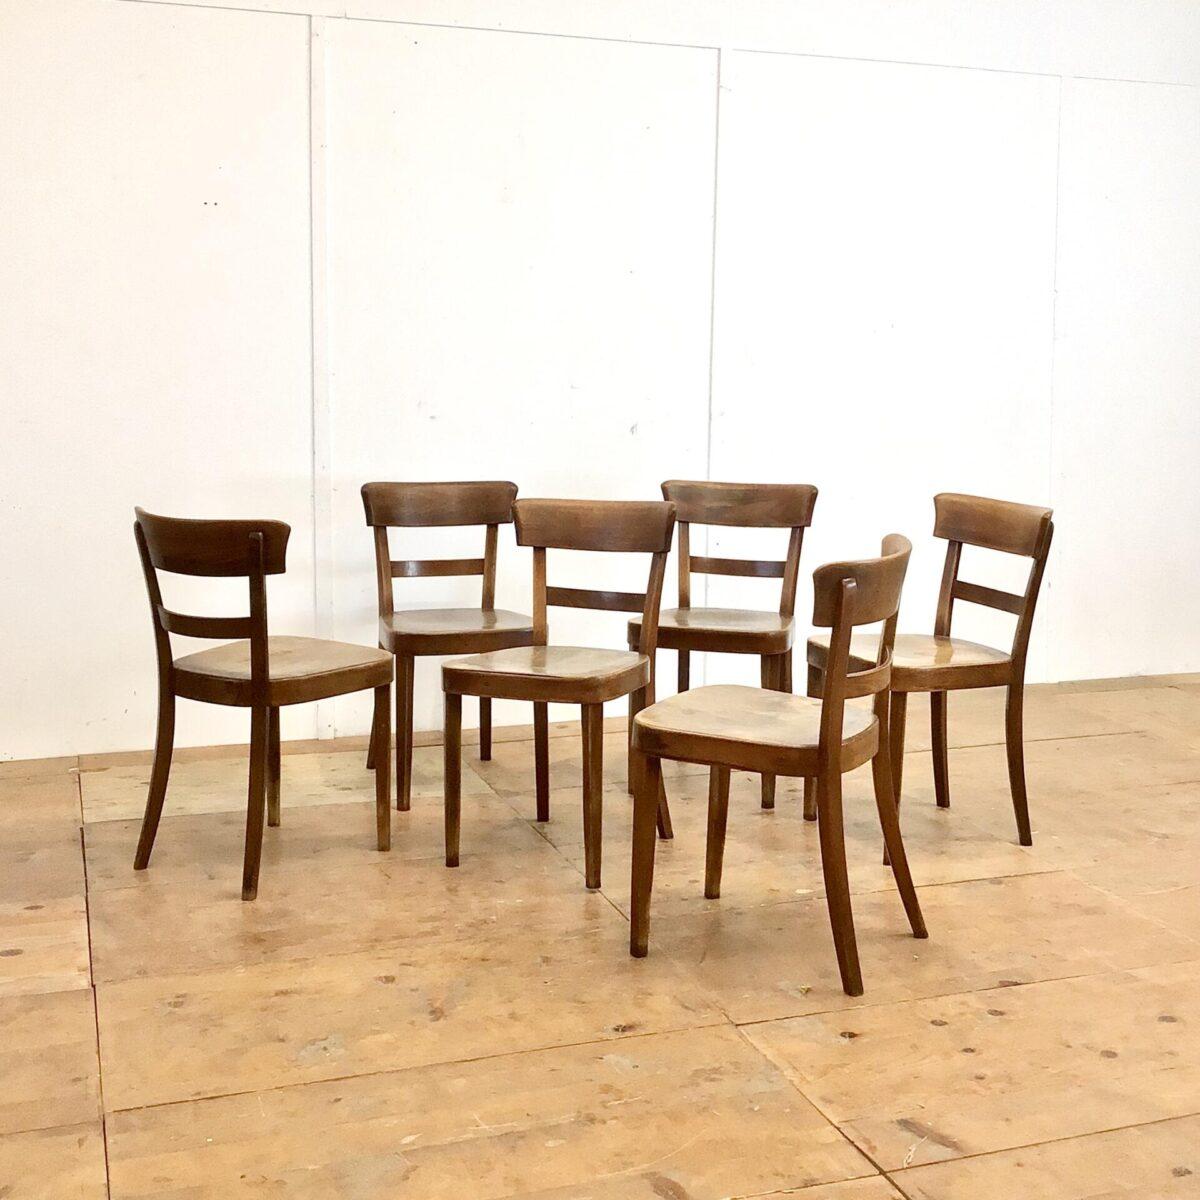 Deuxieme.shop horgenglaruschairs Classic Klassische ältere Beizenstühle von horgenglarus. Preis pro Stuhl. Technisch in stabilem überarbeiteten Zustand. Diese Esszimmer Stühle, mit der kastanienbraunen Alterspatina, schaffen farblich den idealen Kontrast zu einem hellen Tisch und auch den gängigen Buchen oder Eichenholz Böden.